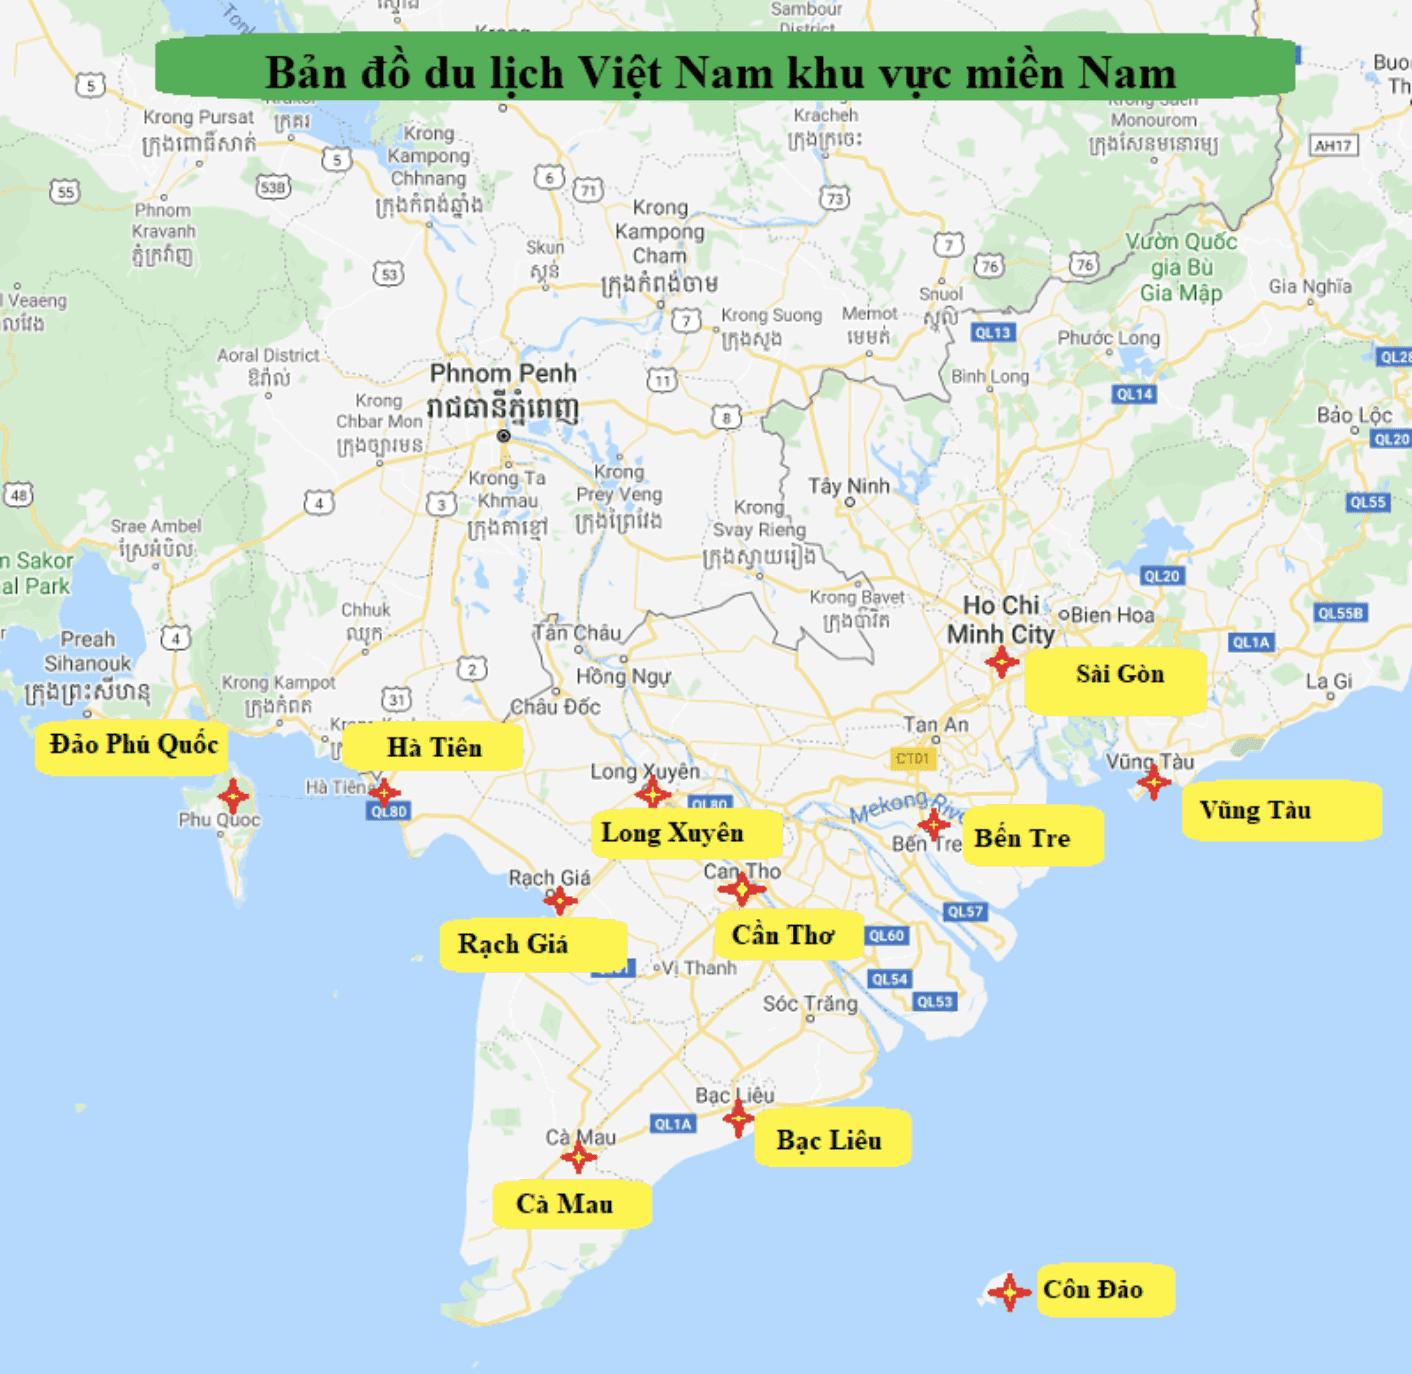 Bản đồ du lịch tuyến điểm Nam Bộ